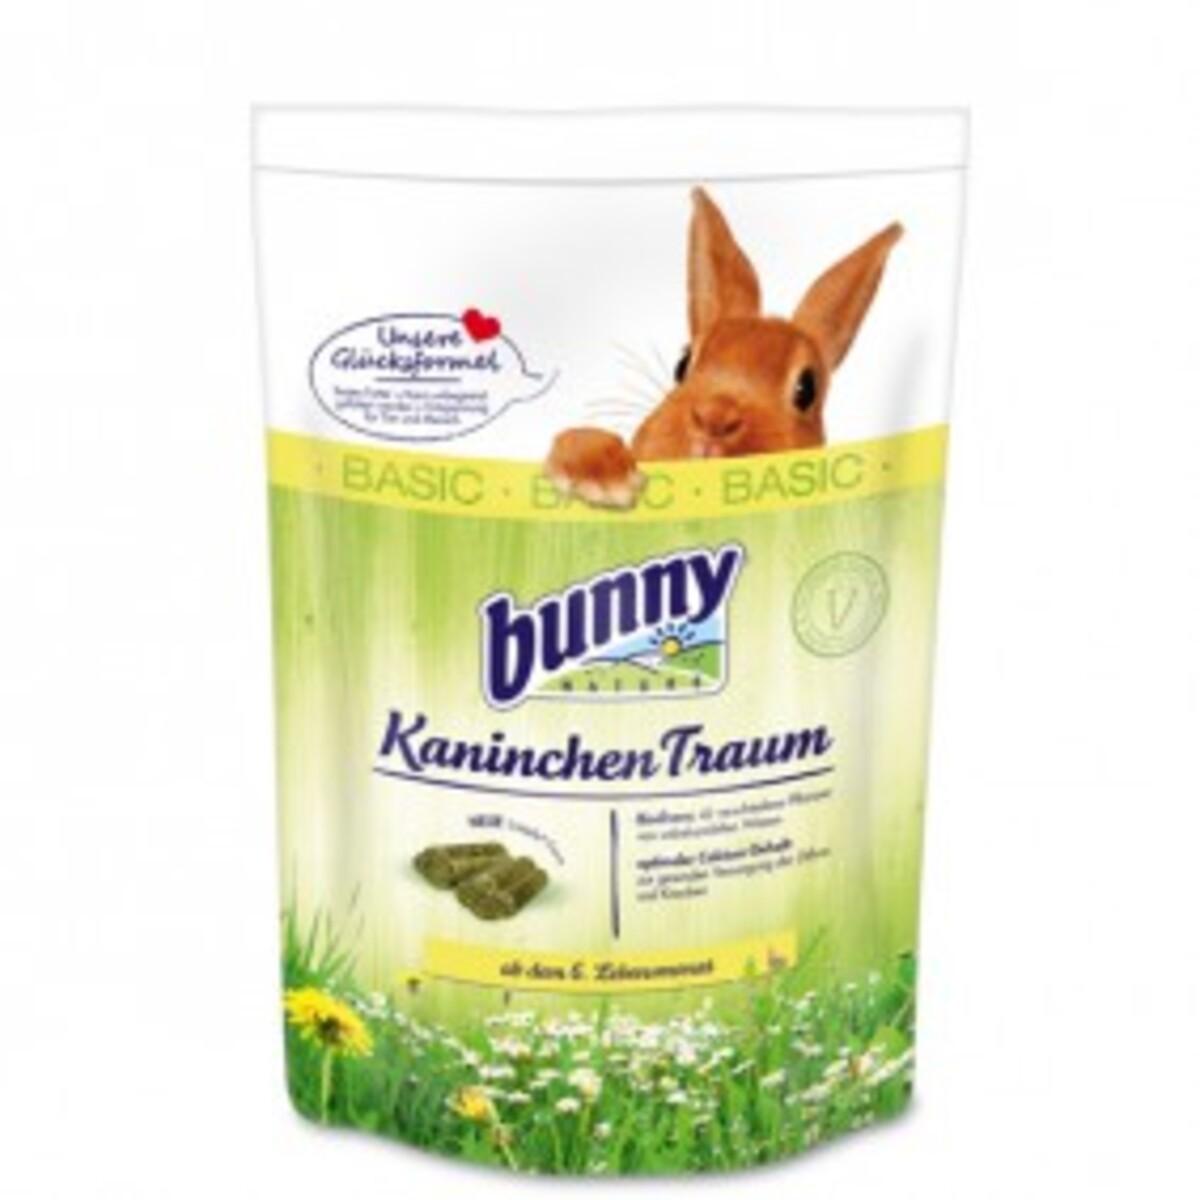 Bild 3 von Bunny KaninchenTraum basic 4kg